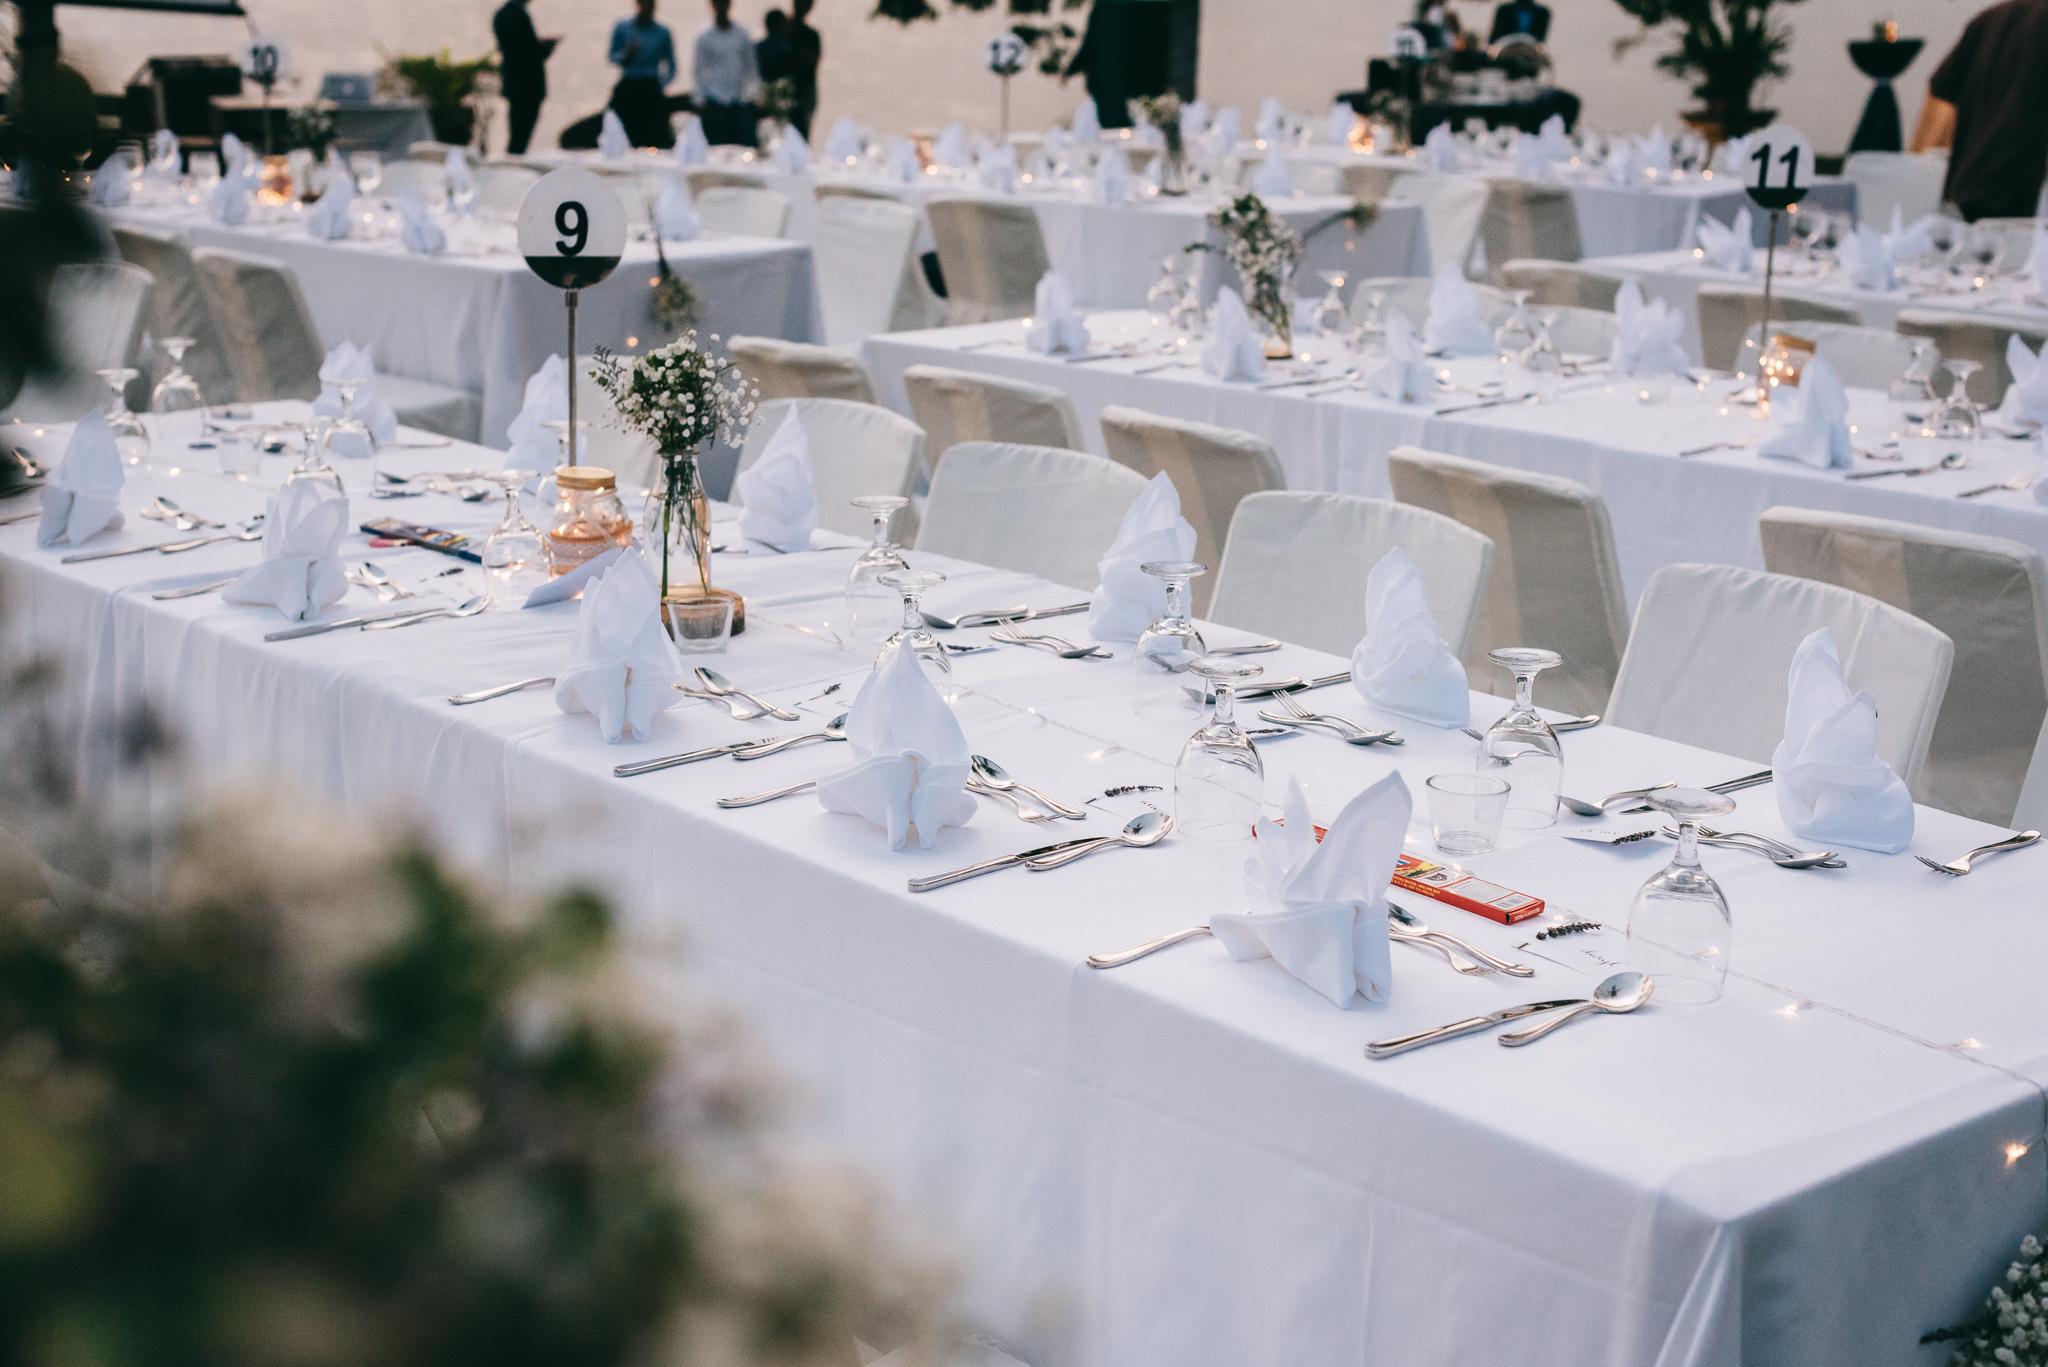 Lionel & Karen Wedding Day Highlights (resized for sharing) - 147.jpg